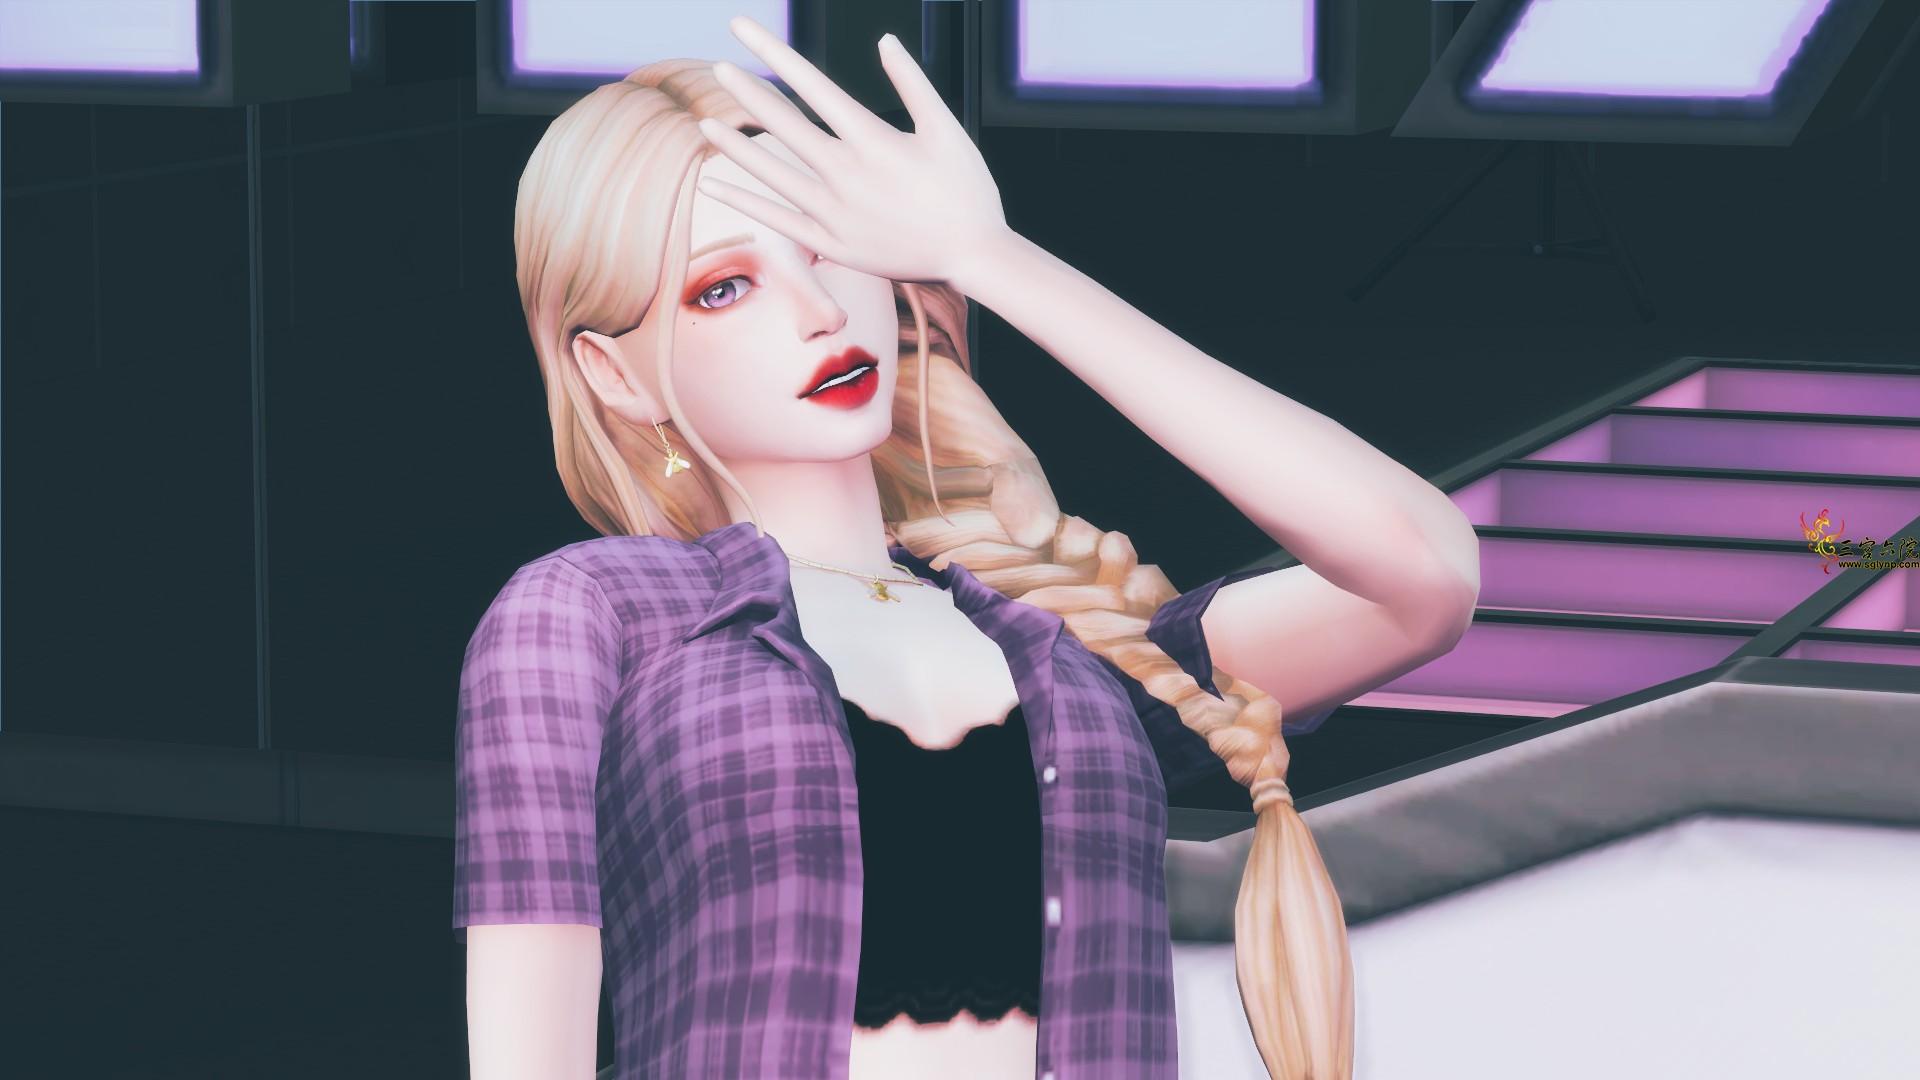 Sims 4 Screenshot 2021.02.19 - 16.16.54.52.png